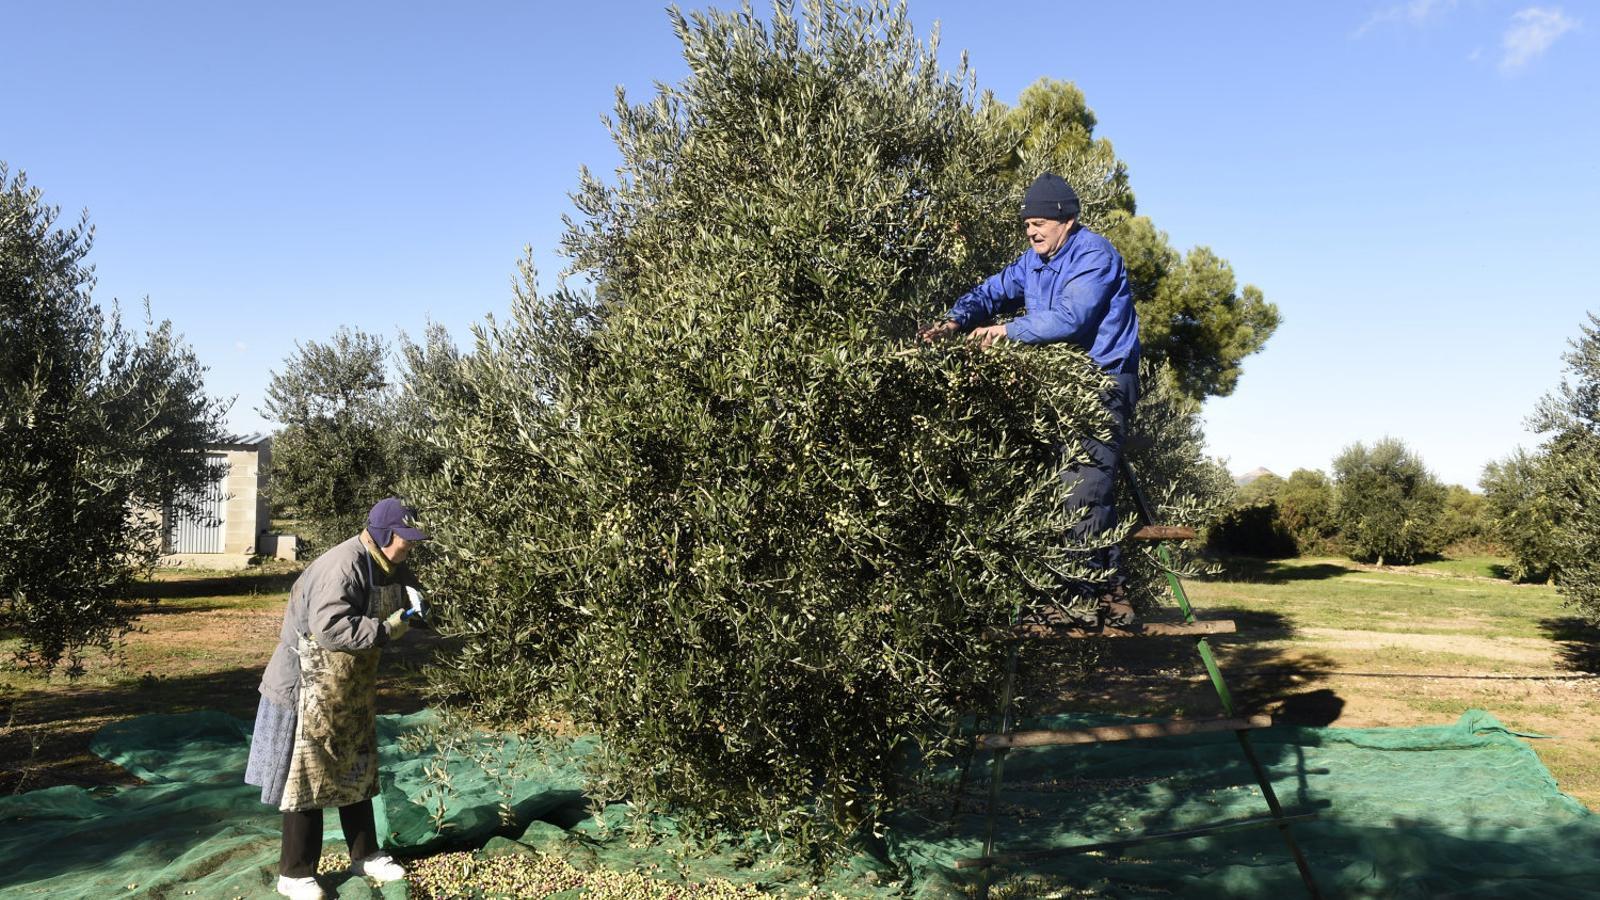 Collita d'oliva a Maials (Segrià), en una imatge d'arxiu. Un oli d'oliva verge extra es produeix amb processos únicament mecànics.